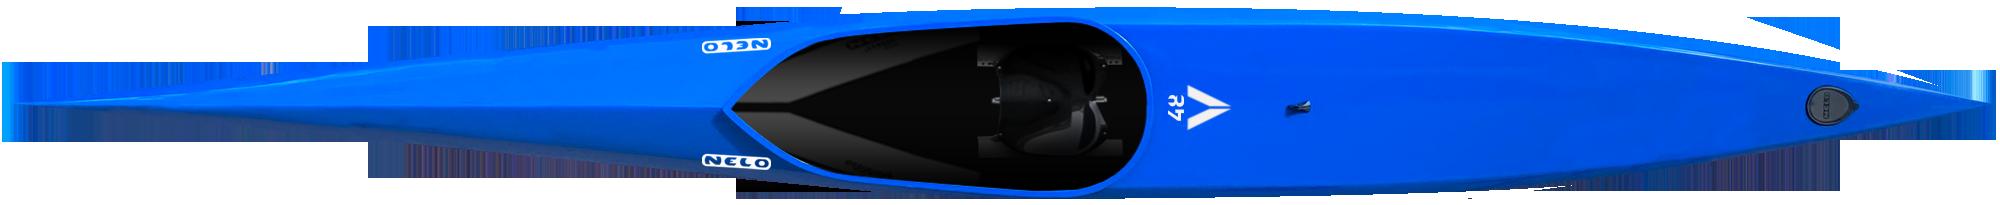 Viper 48 kayak